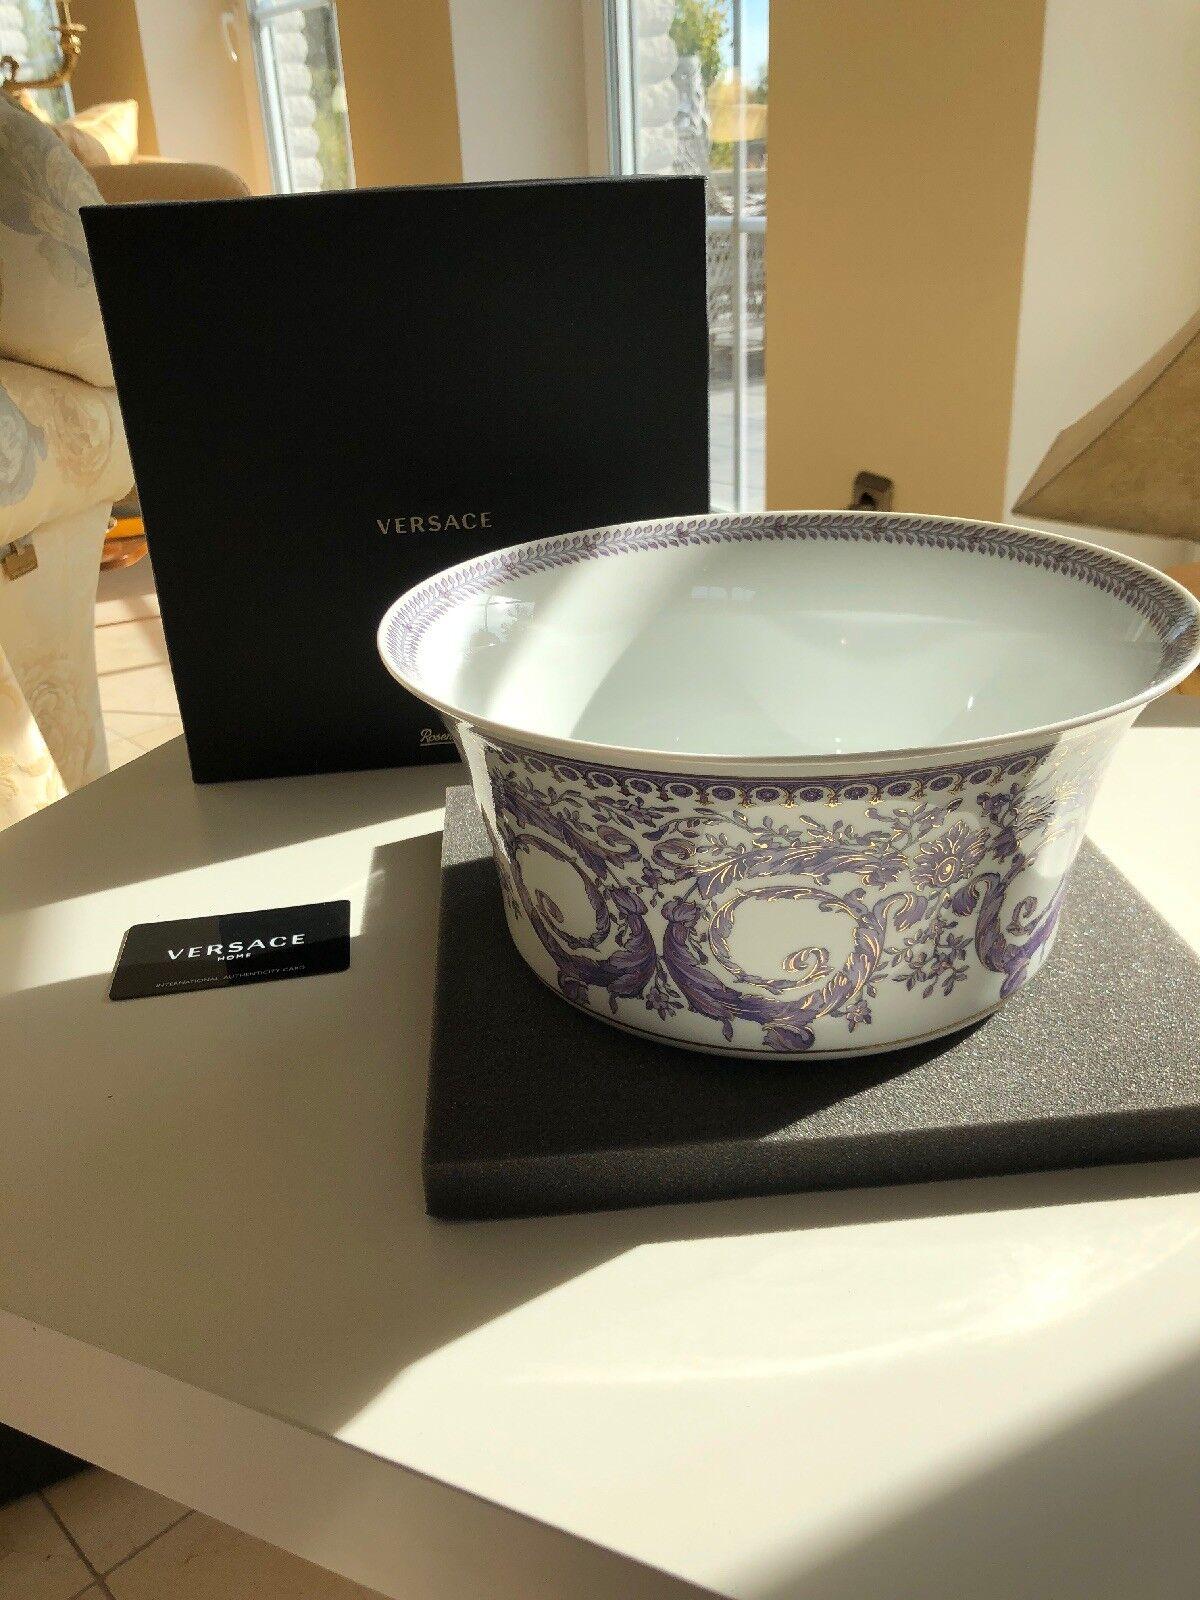 Rosanthal Versace Le Grand DiGrünissement große Schüssel 25cm Neu OVP | Online Outlet Shop